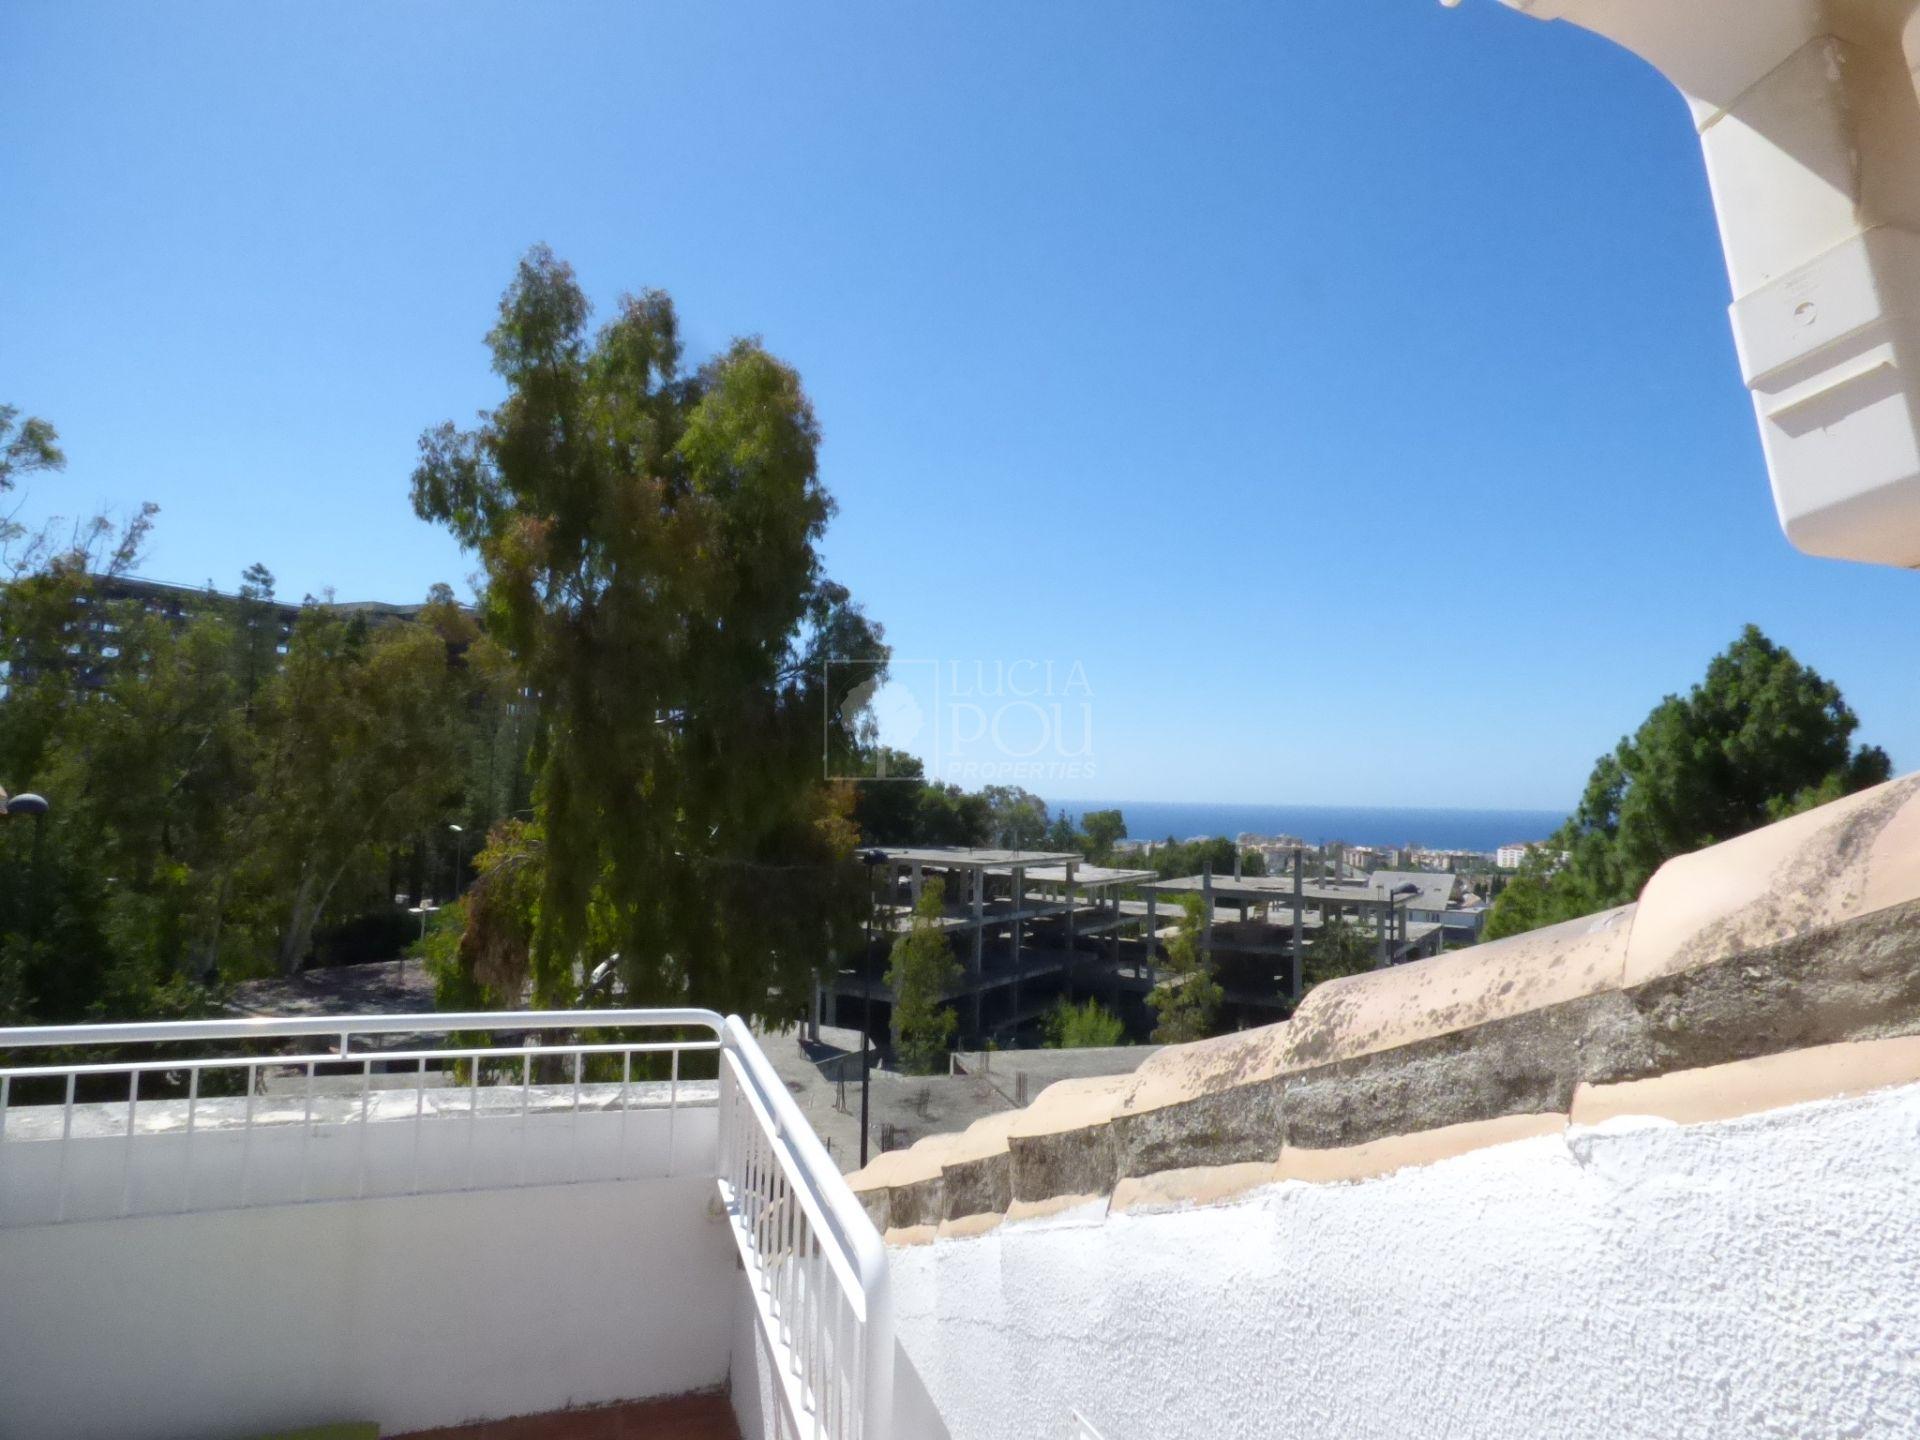 Adosado  en Marbella, Marbella